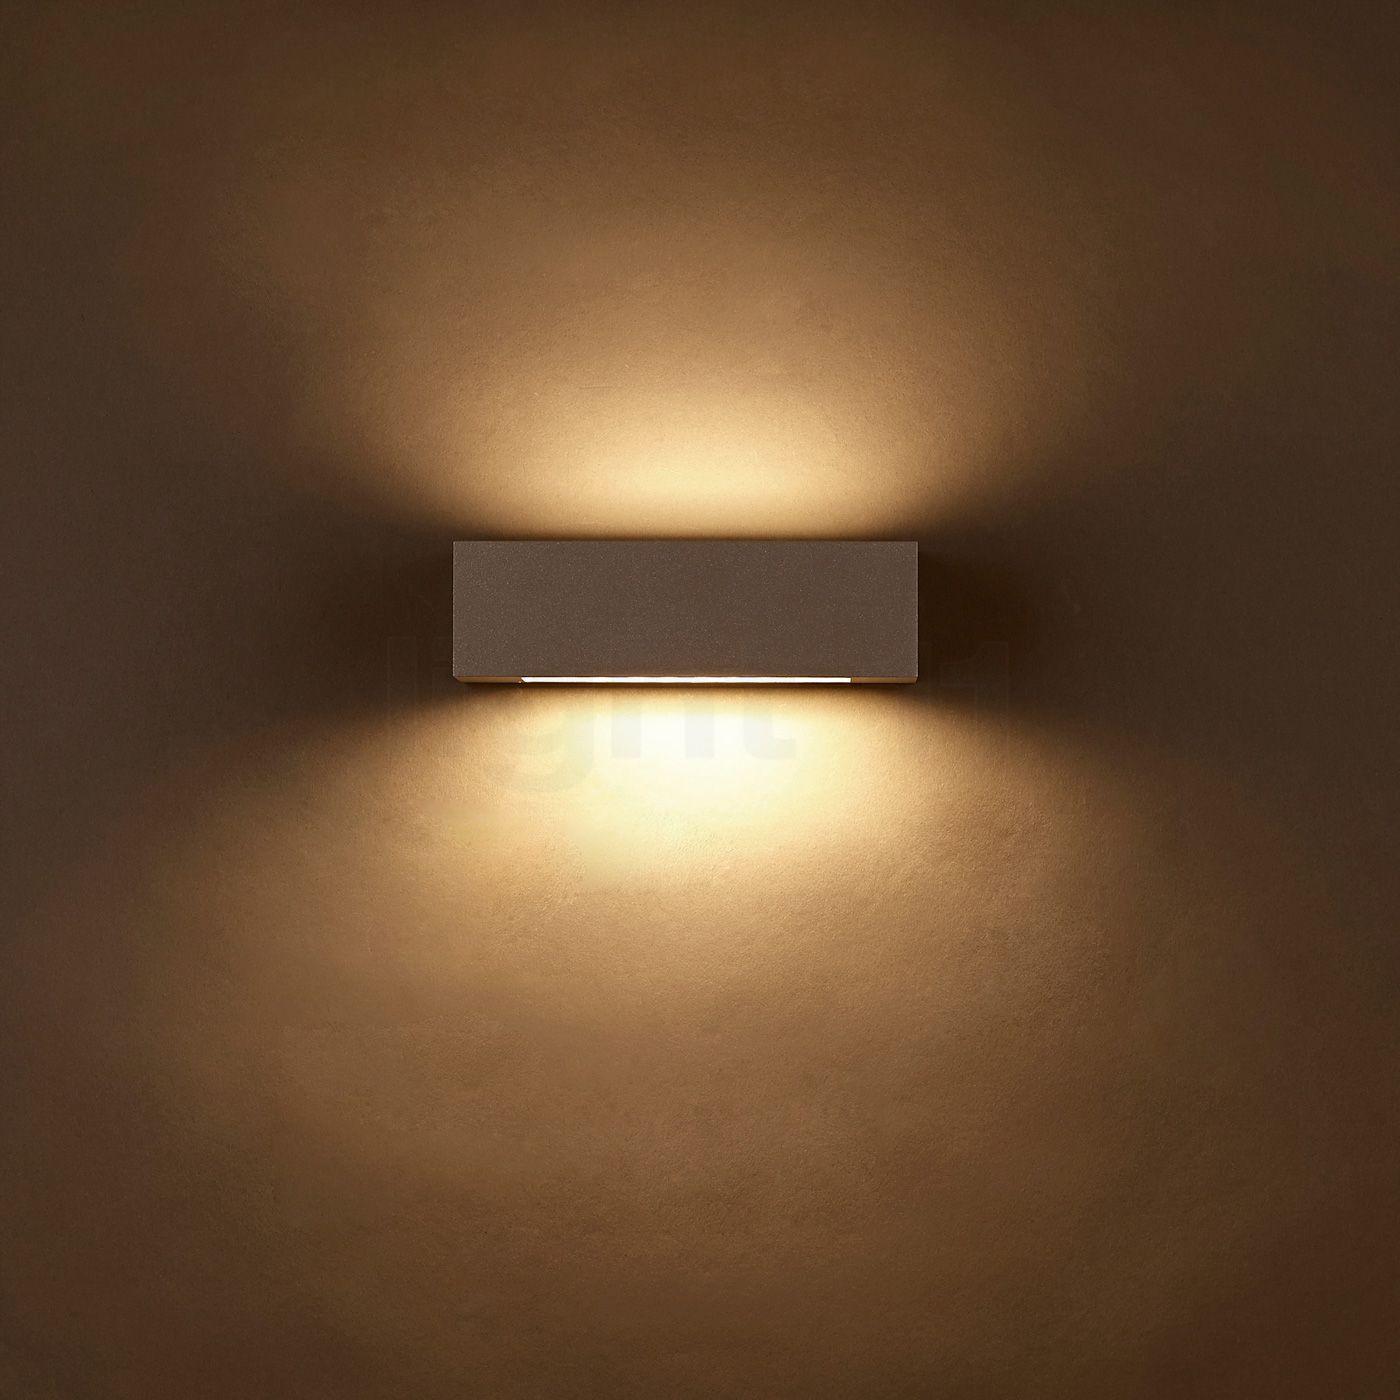 Steng Licht steng licht small brigg wall light wall mounted light